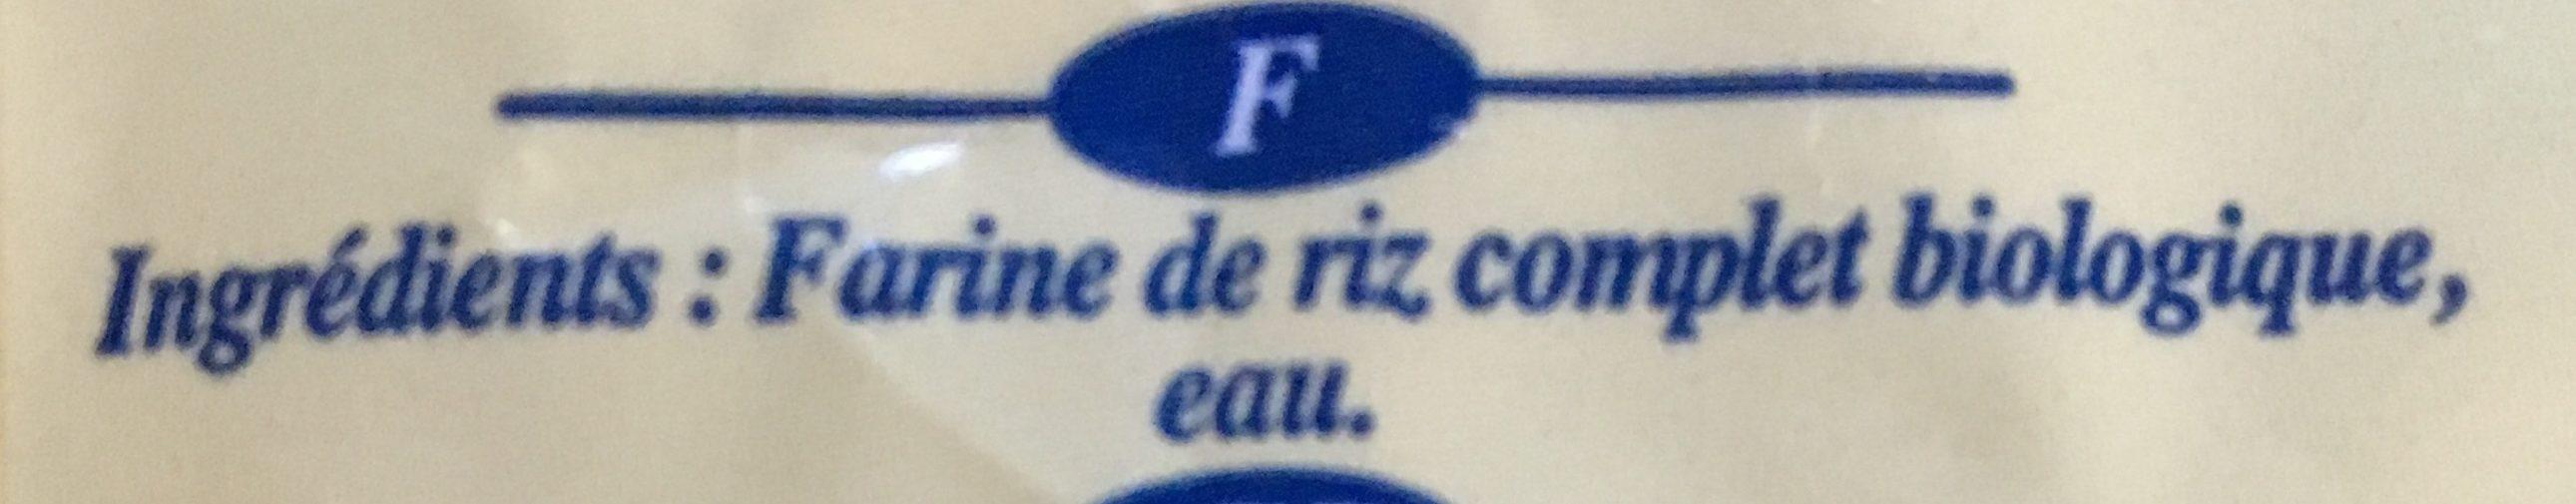 Pâtes de Riz complet biologique - Ingrédients - fr